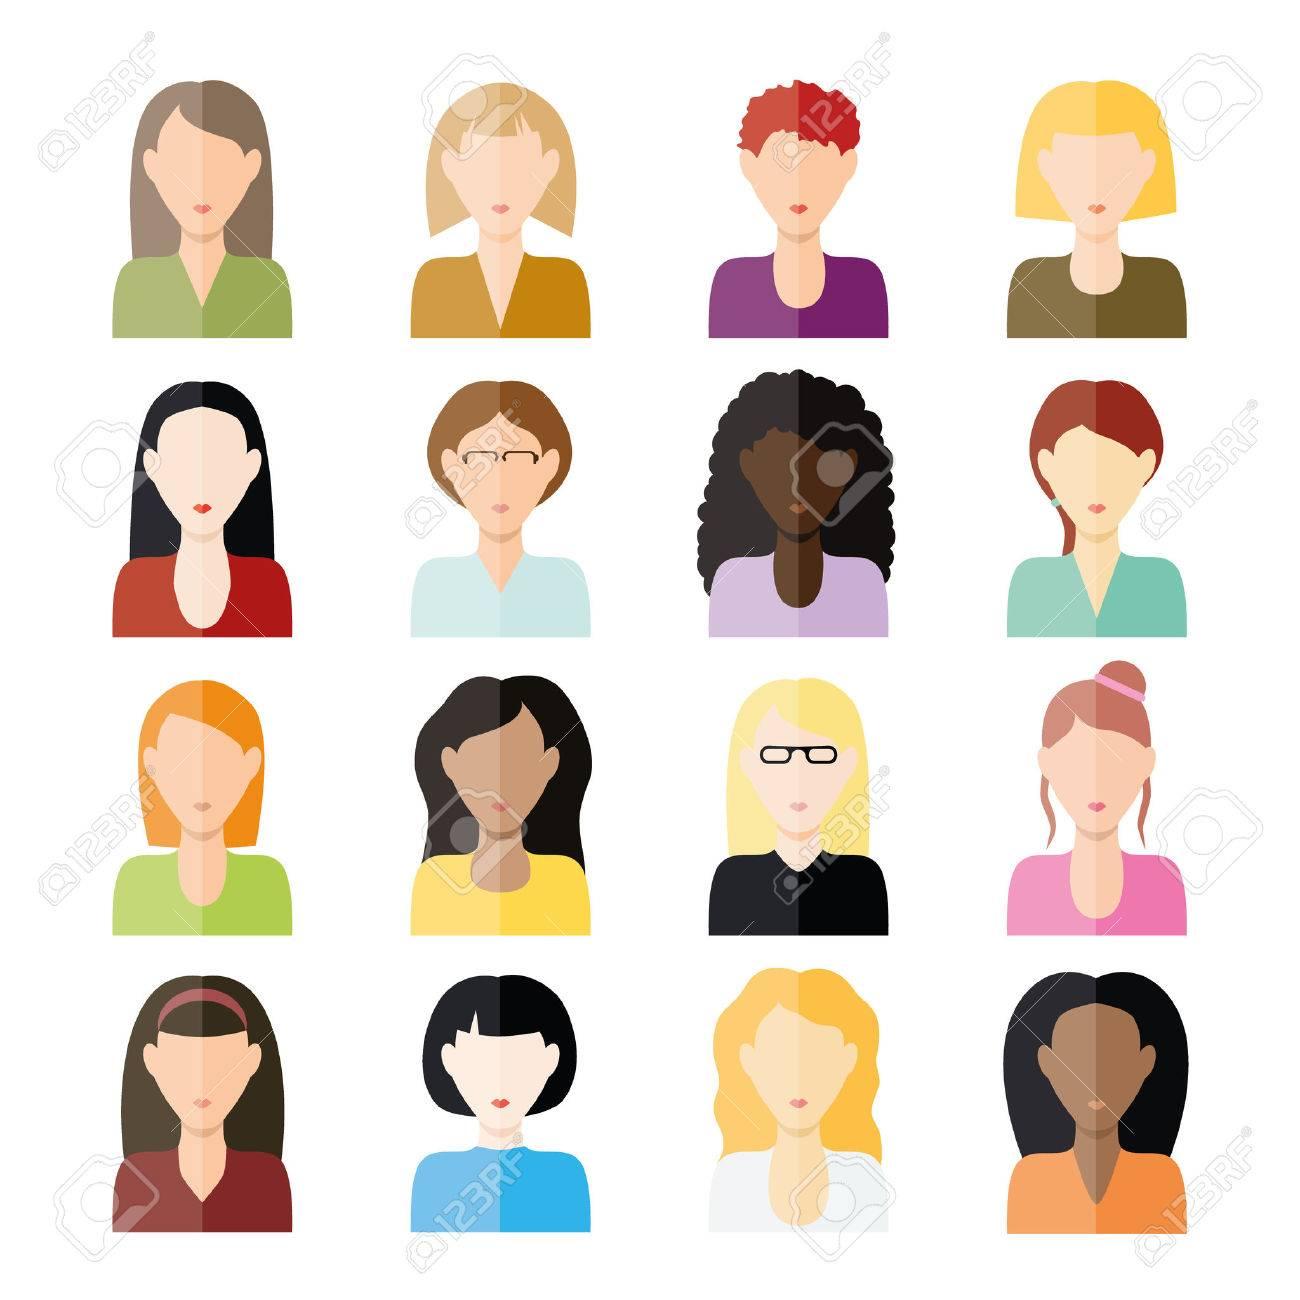 women icons - 35293637